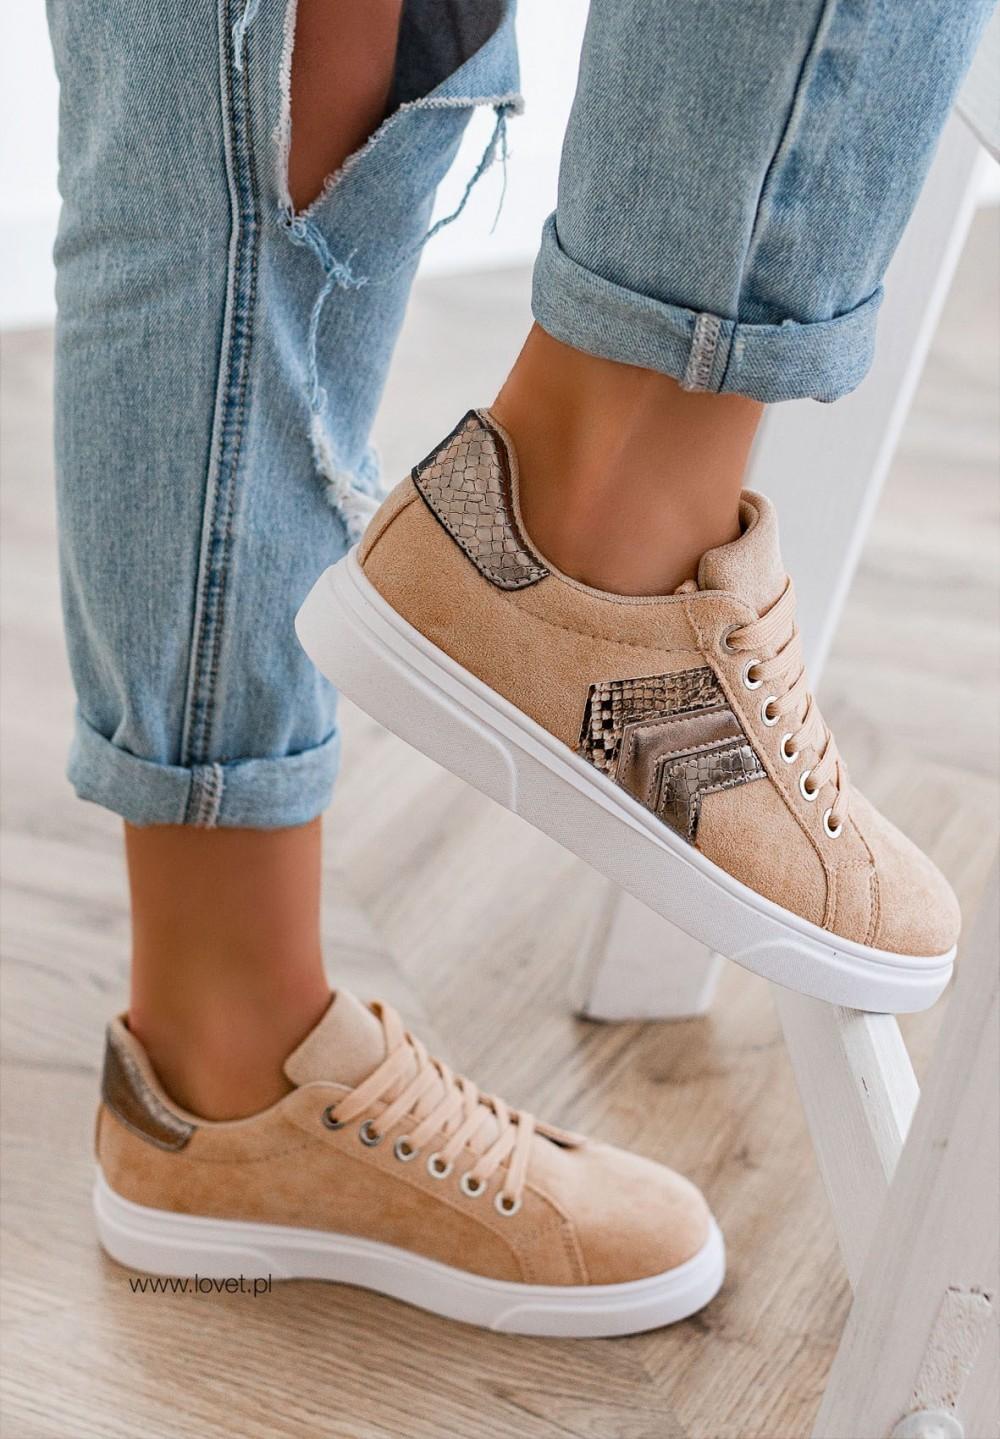 Trampki Sneakersy Beżowe Silven